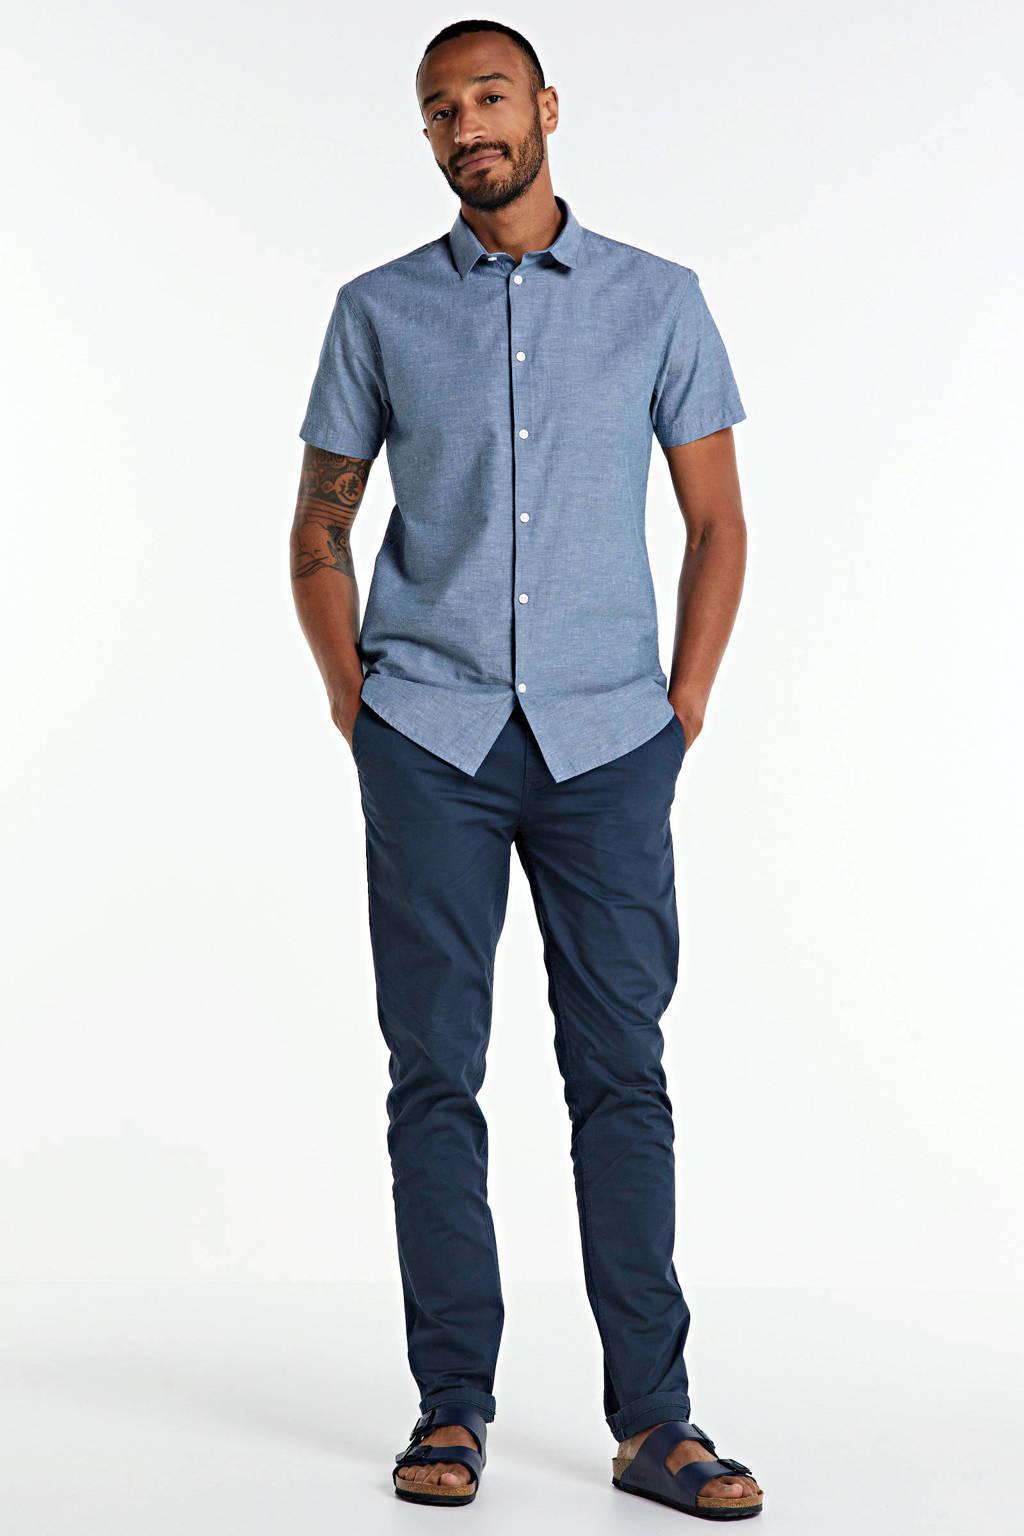 SELECTED HOMME gemêleerd regular fit overhemd met biologisch katoen grijsblauw, Grijsblauw